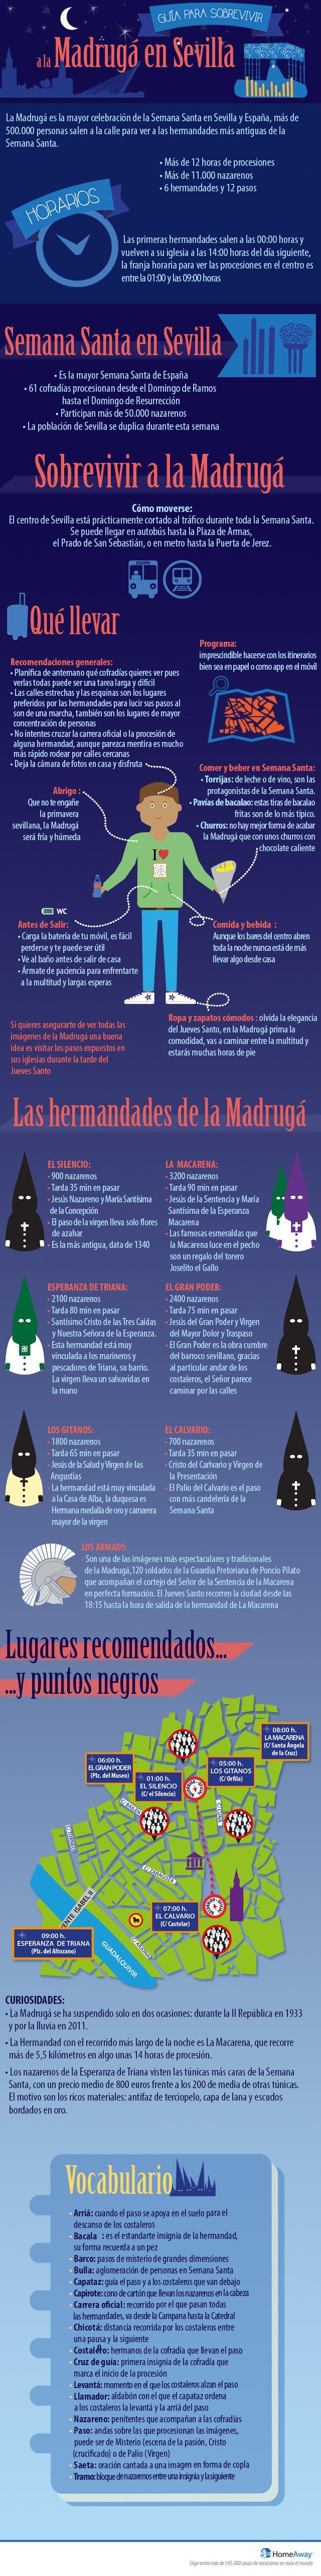 La Madrugá de Sevilla - Semana Santa sevillana 2016